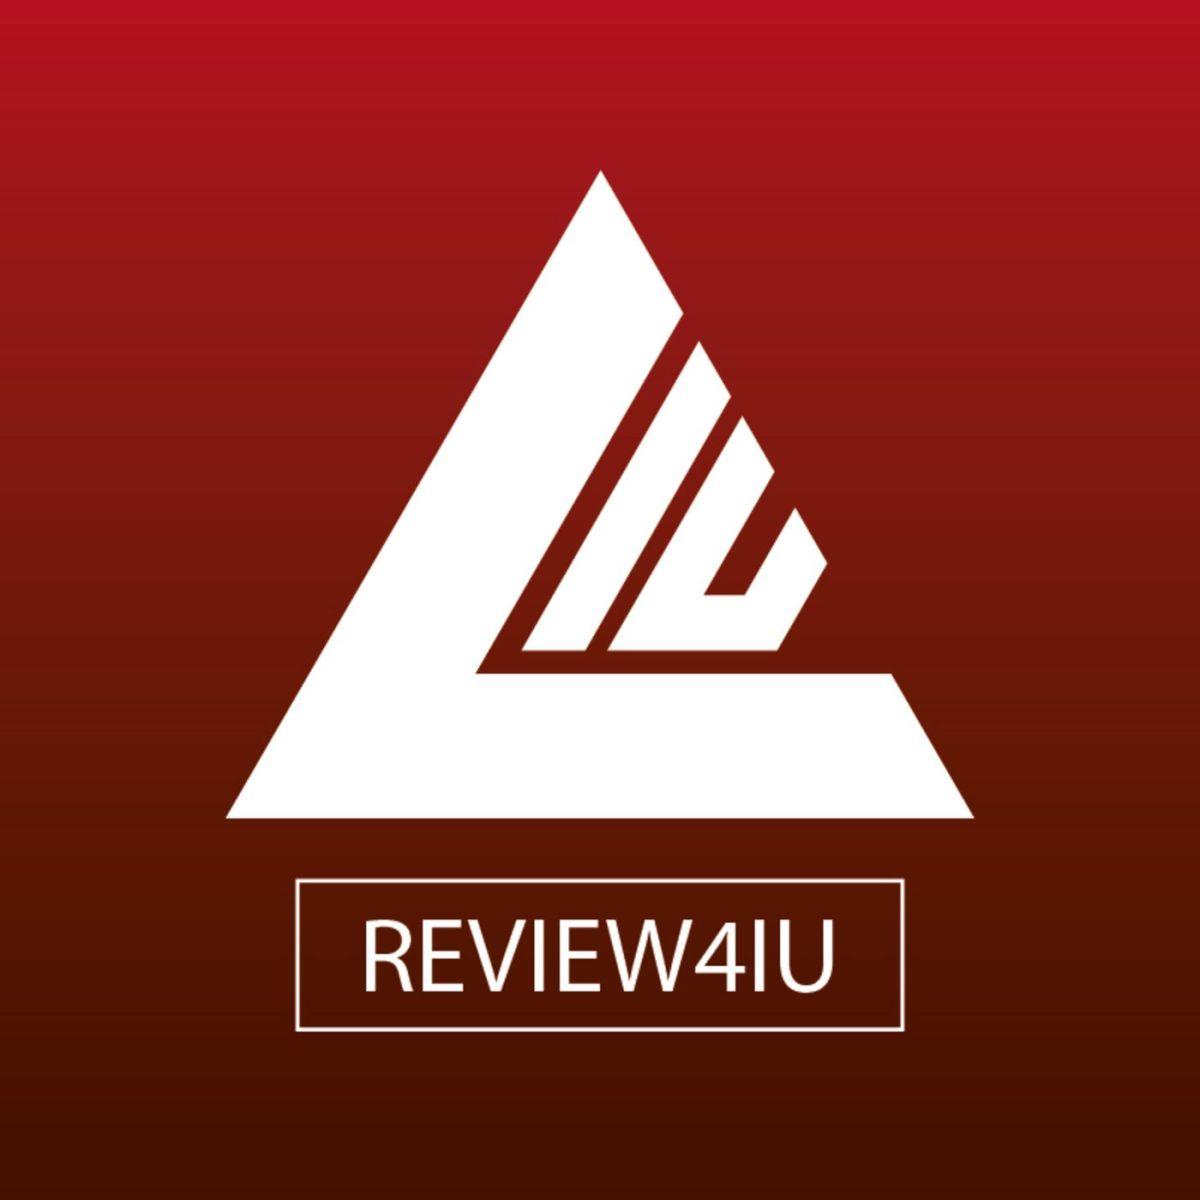 Review4iu